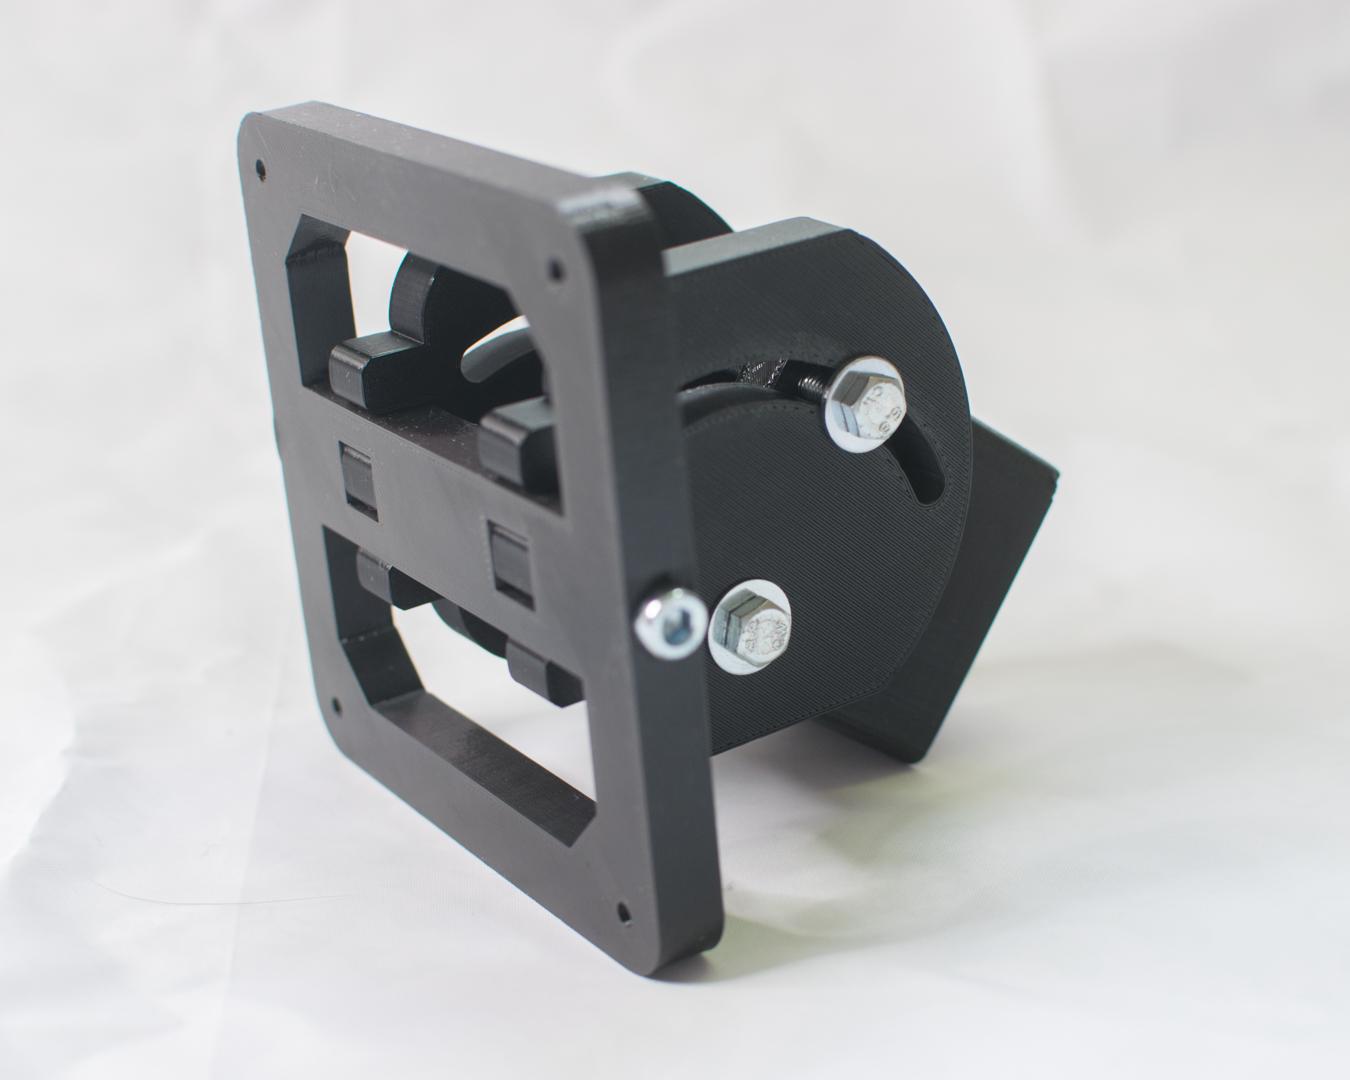 3D-gedruckte Bildschirmhalterung nach VESA Standard in schwarzem PETG